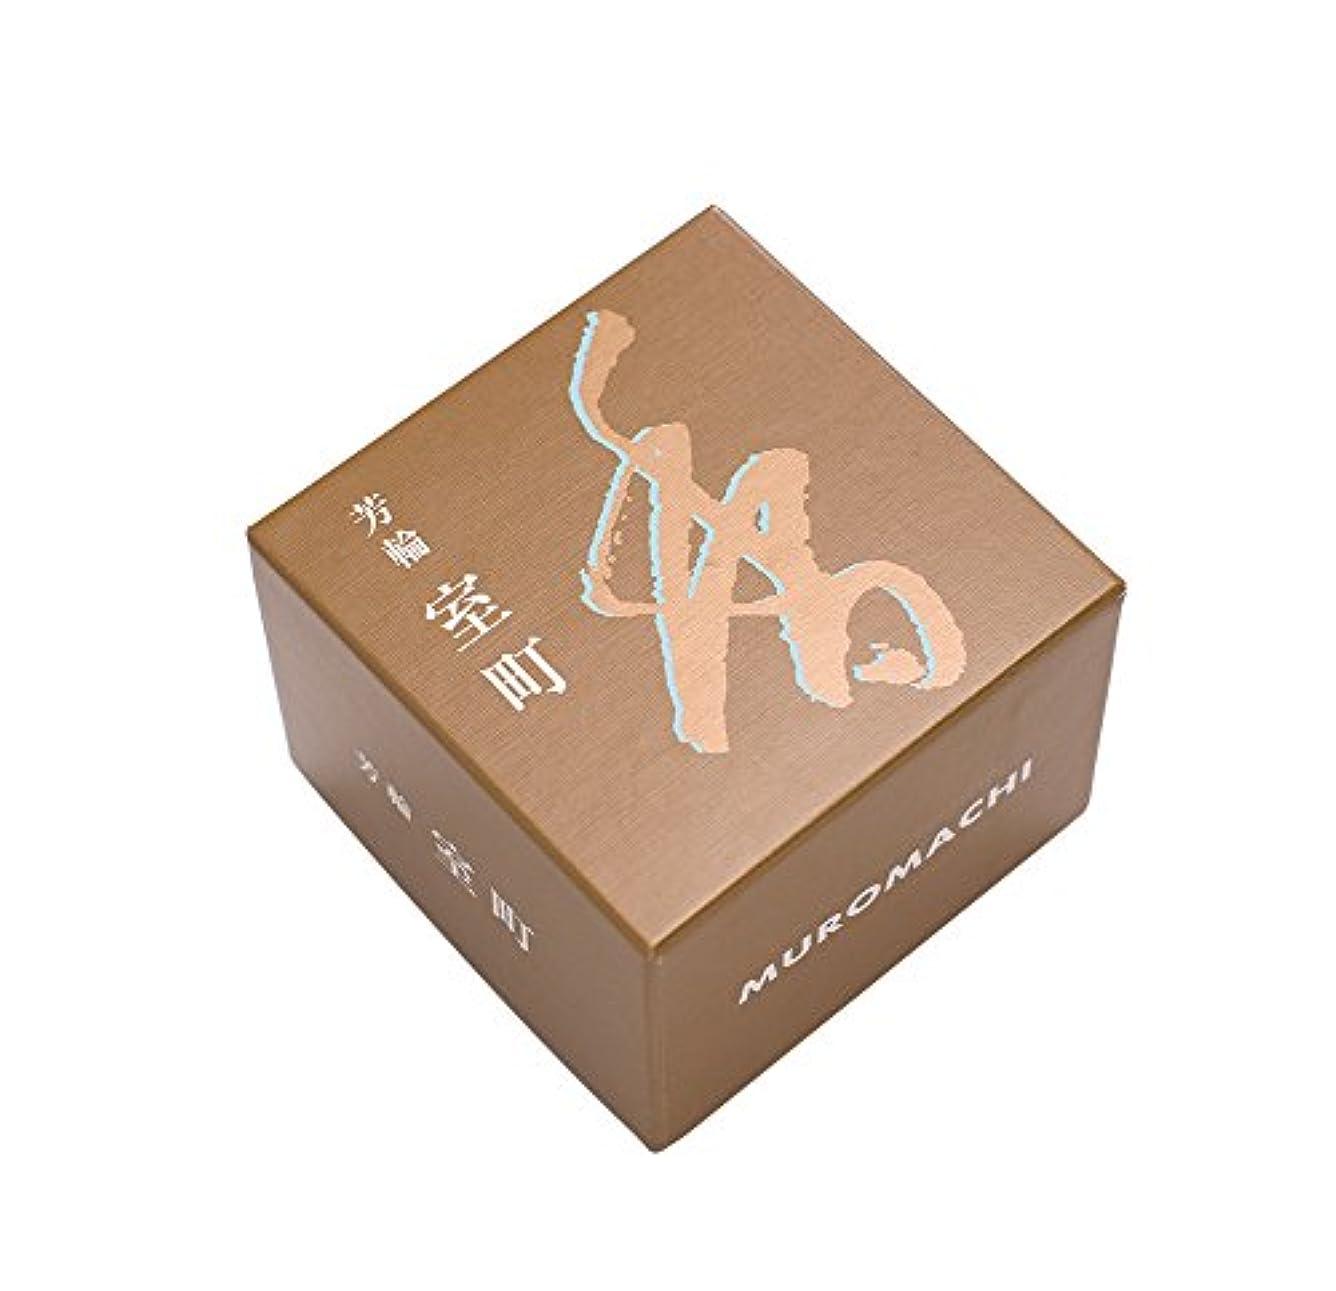 ハイライト姓外側松栄堂のお香 芳輪室町 渦巻型10枚入 うてな角型付 #210421